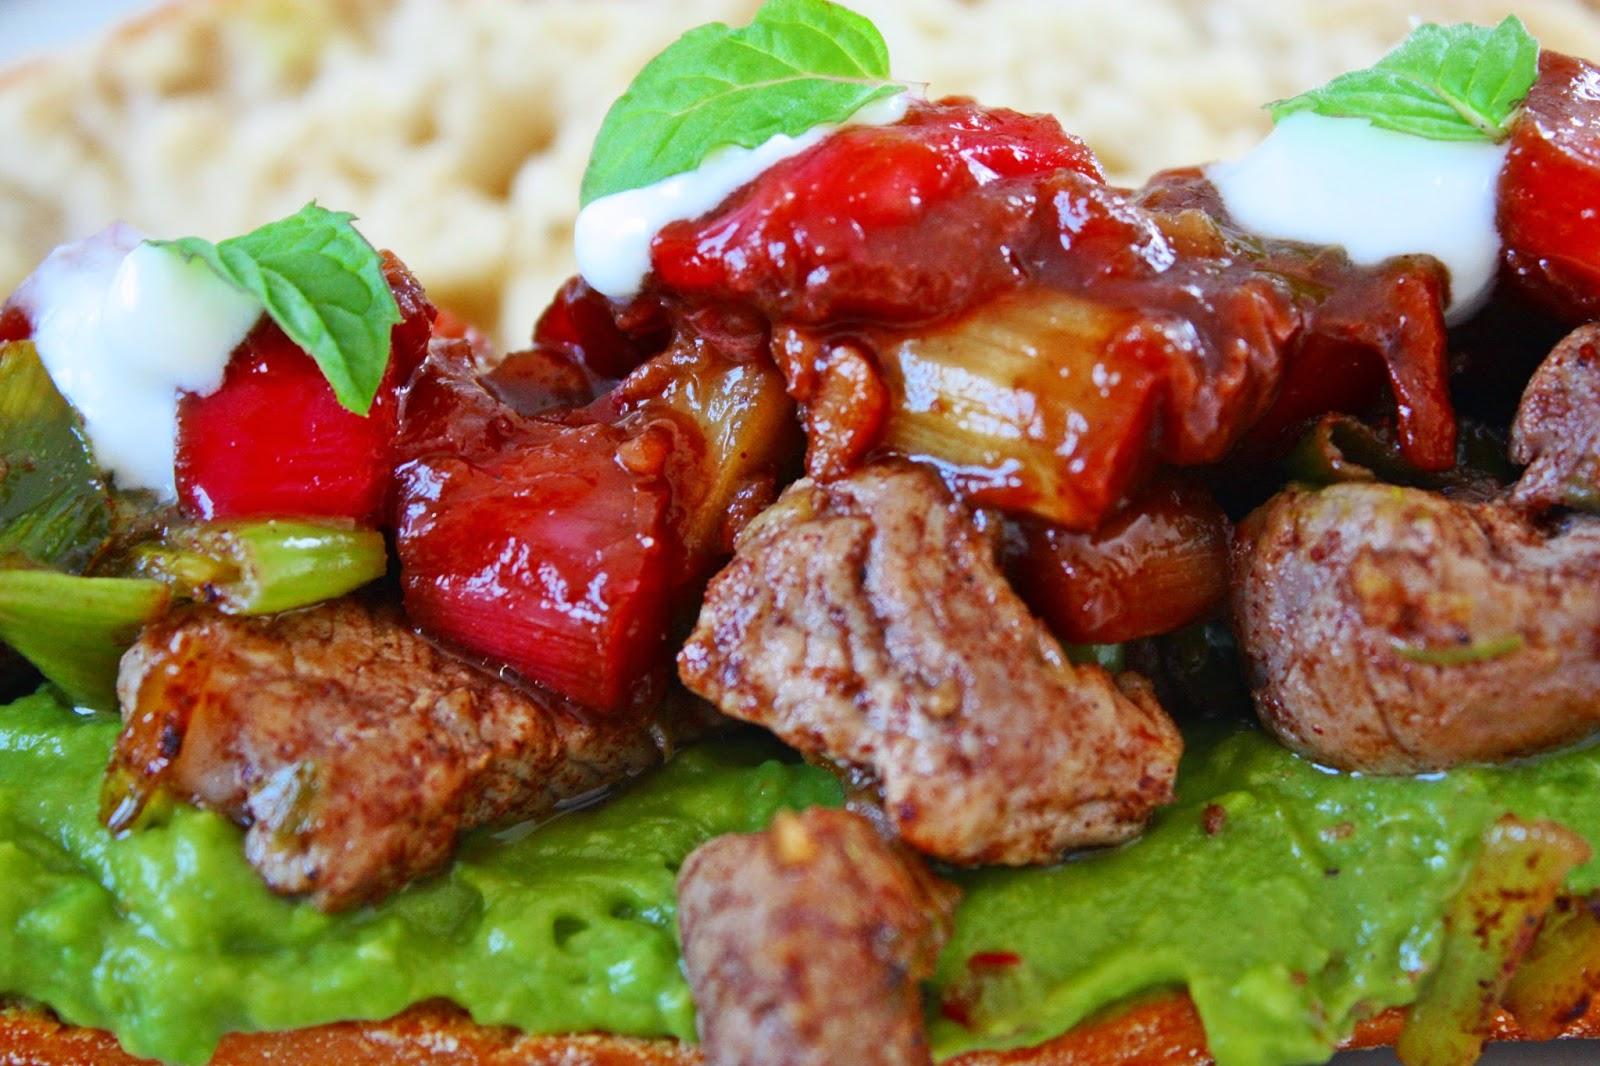 Burger Schweinefilet Erbsenpüree und Rhabarber Ingwer Salsa